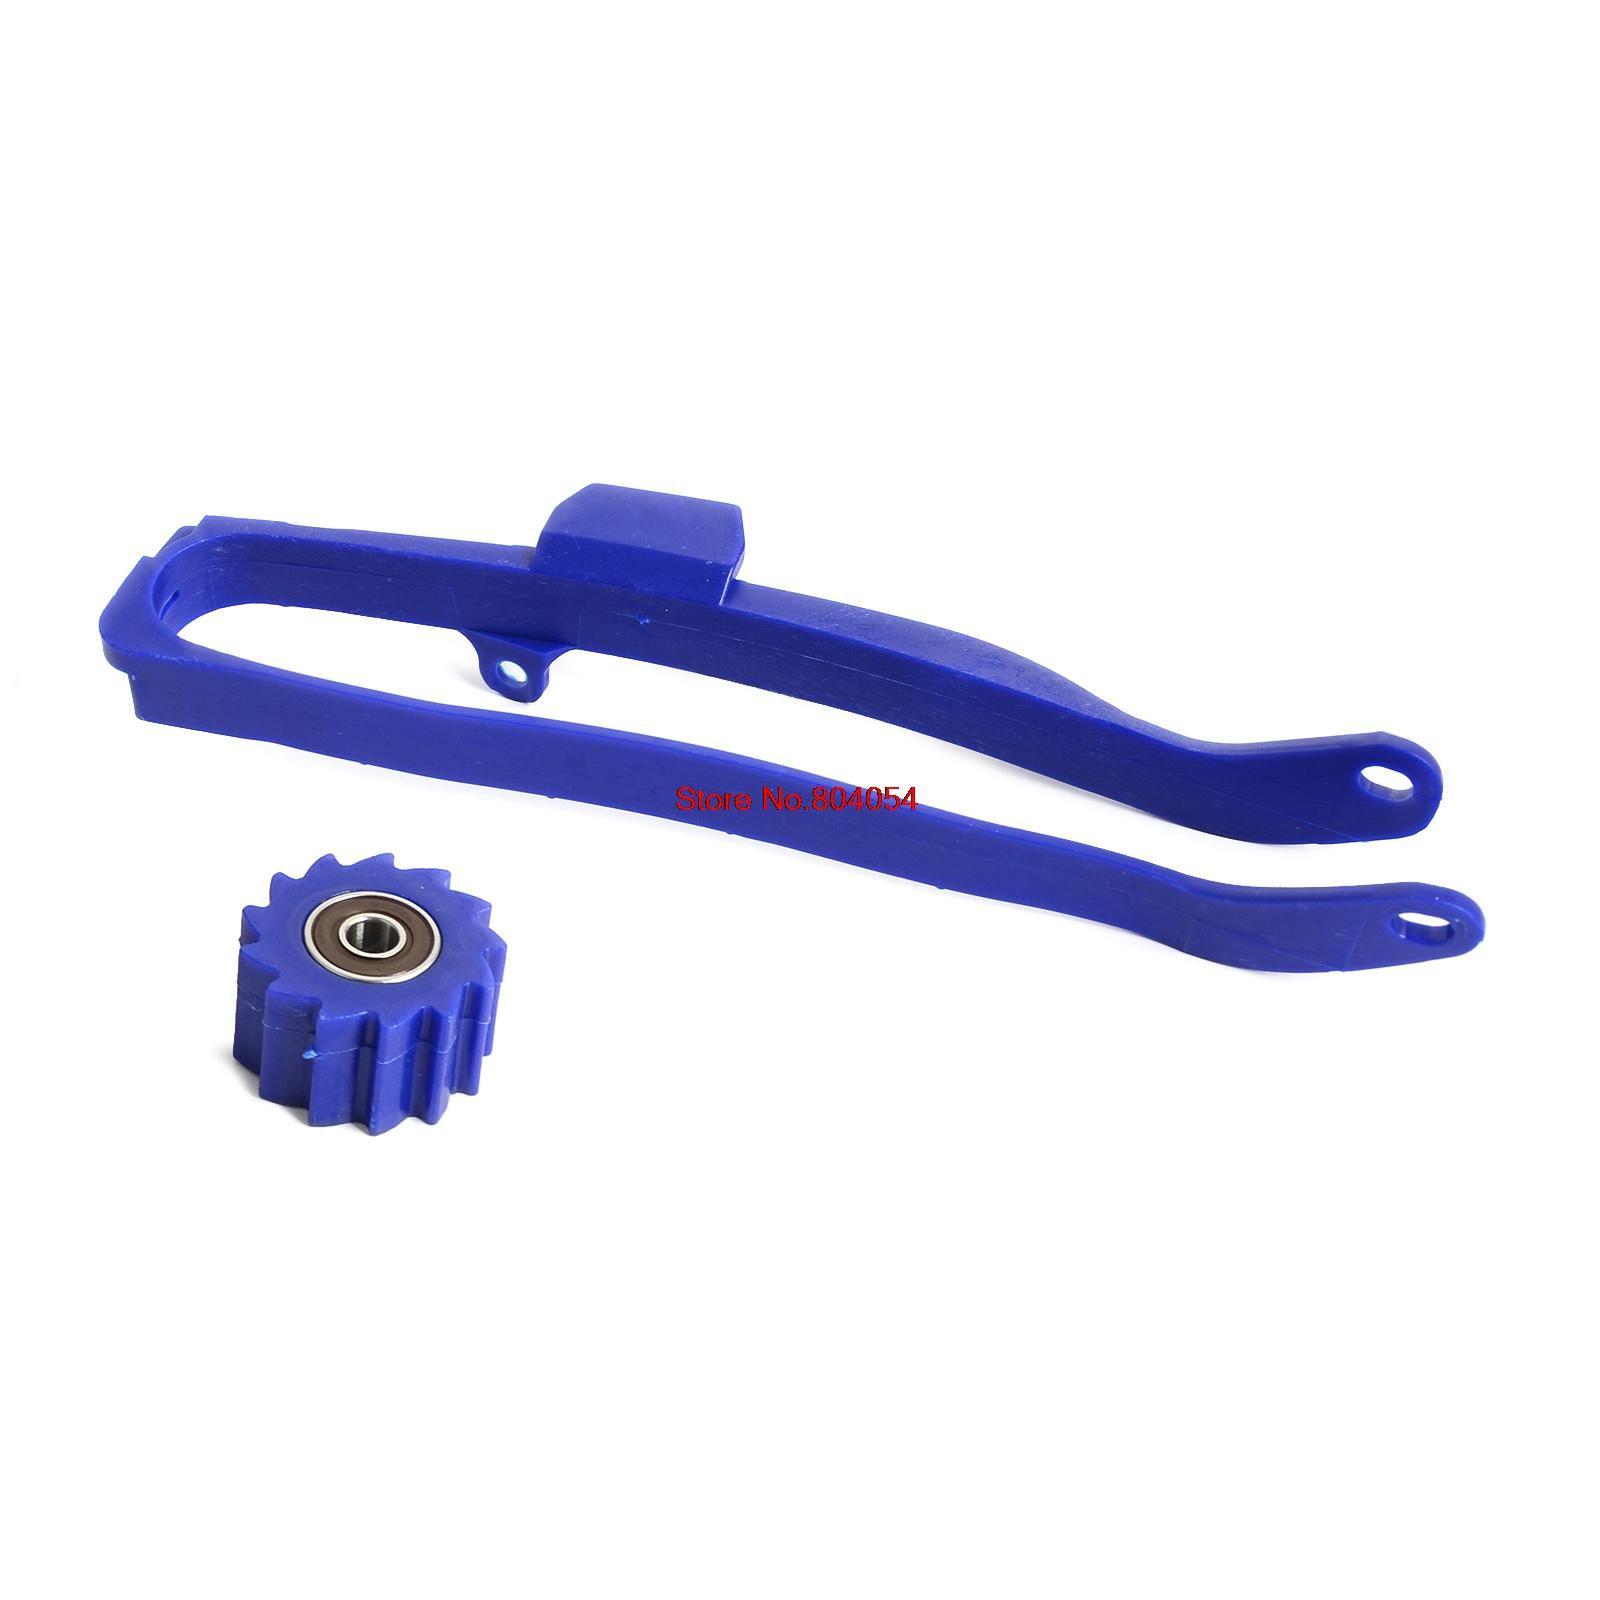 Blue Chain Slider Swingarm Guide Lower Roller For Yamaha YZ250F YZ450F 09-16 YZ250FX 15-16 WR250F 15-16 YZ450FX WR450F 16-17